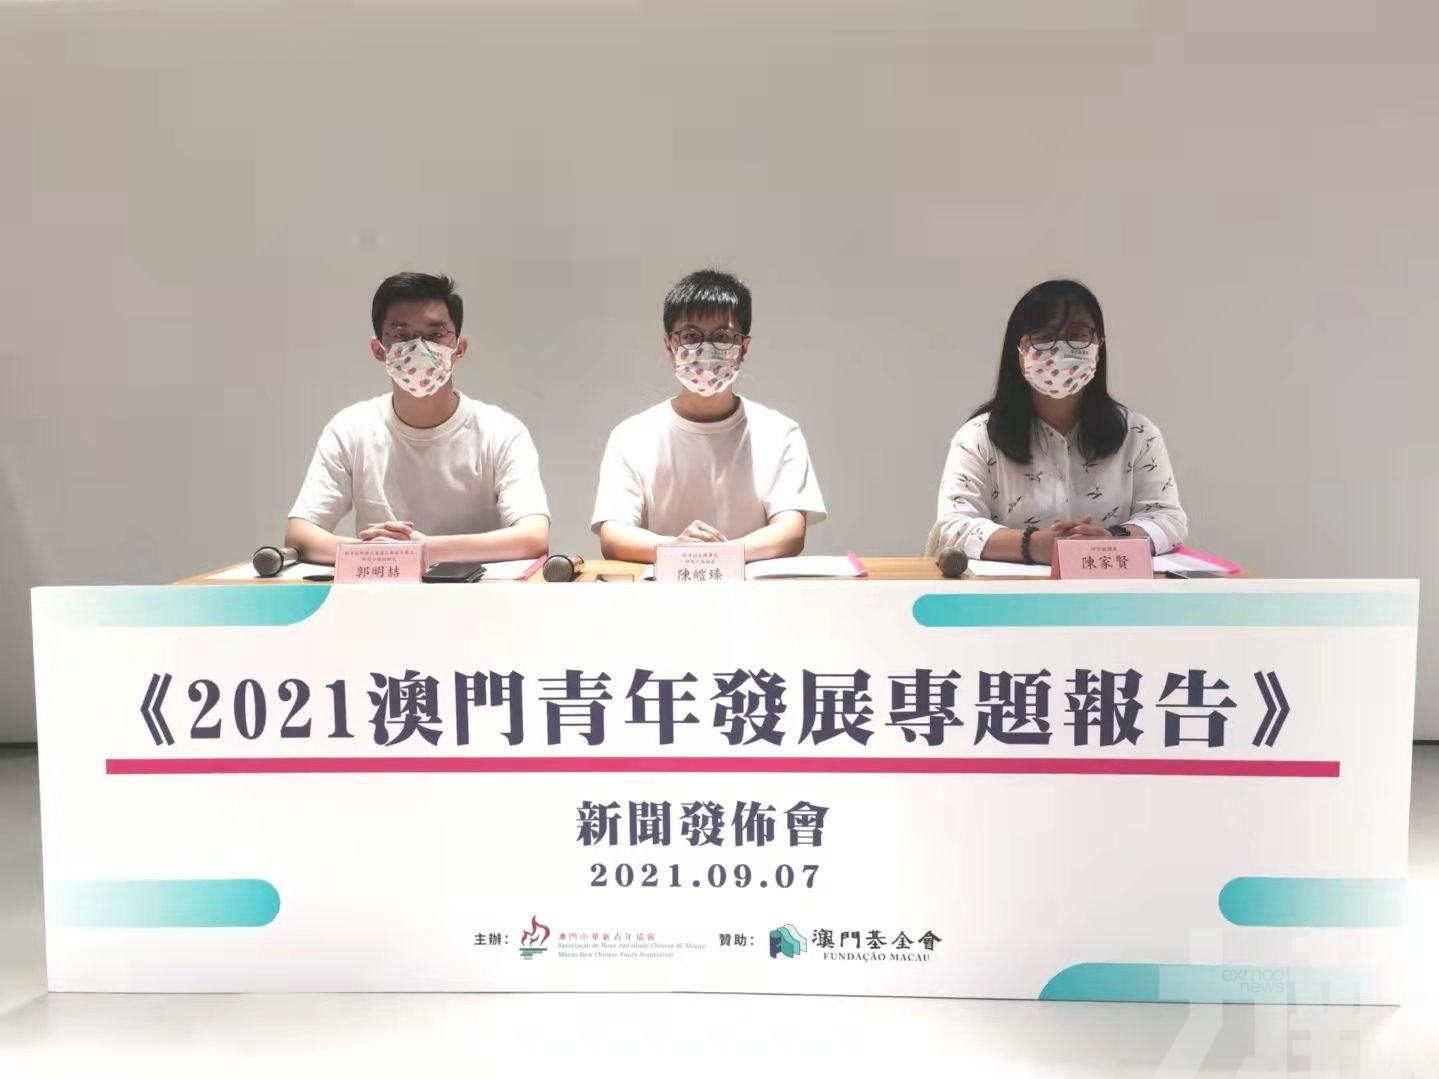 新青協:政府應適切提供就業支援